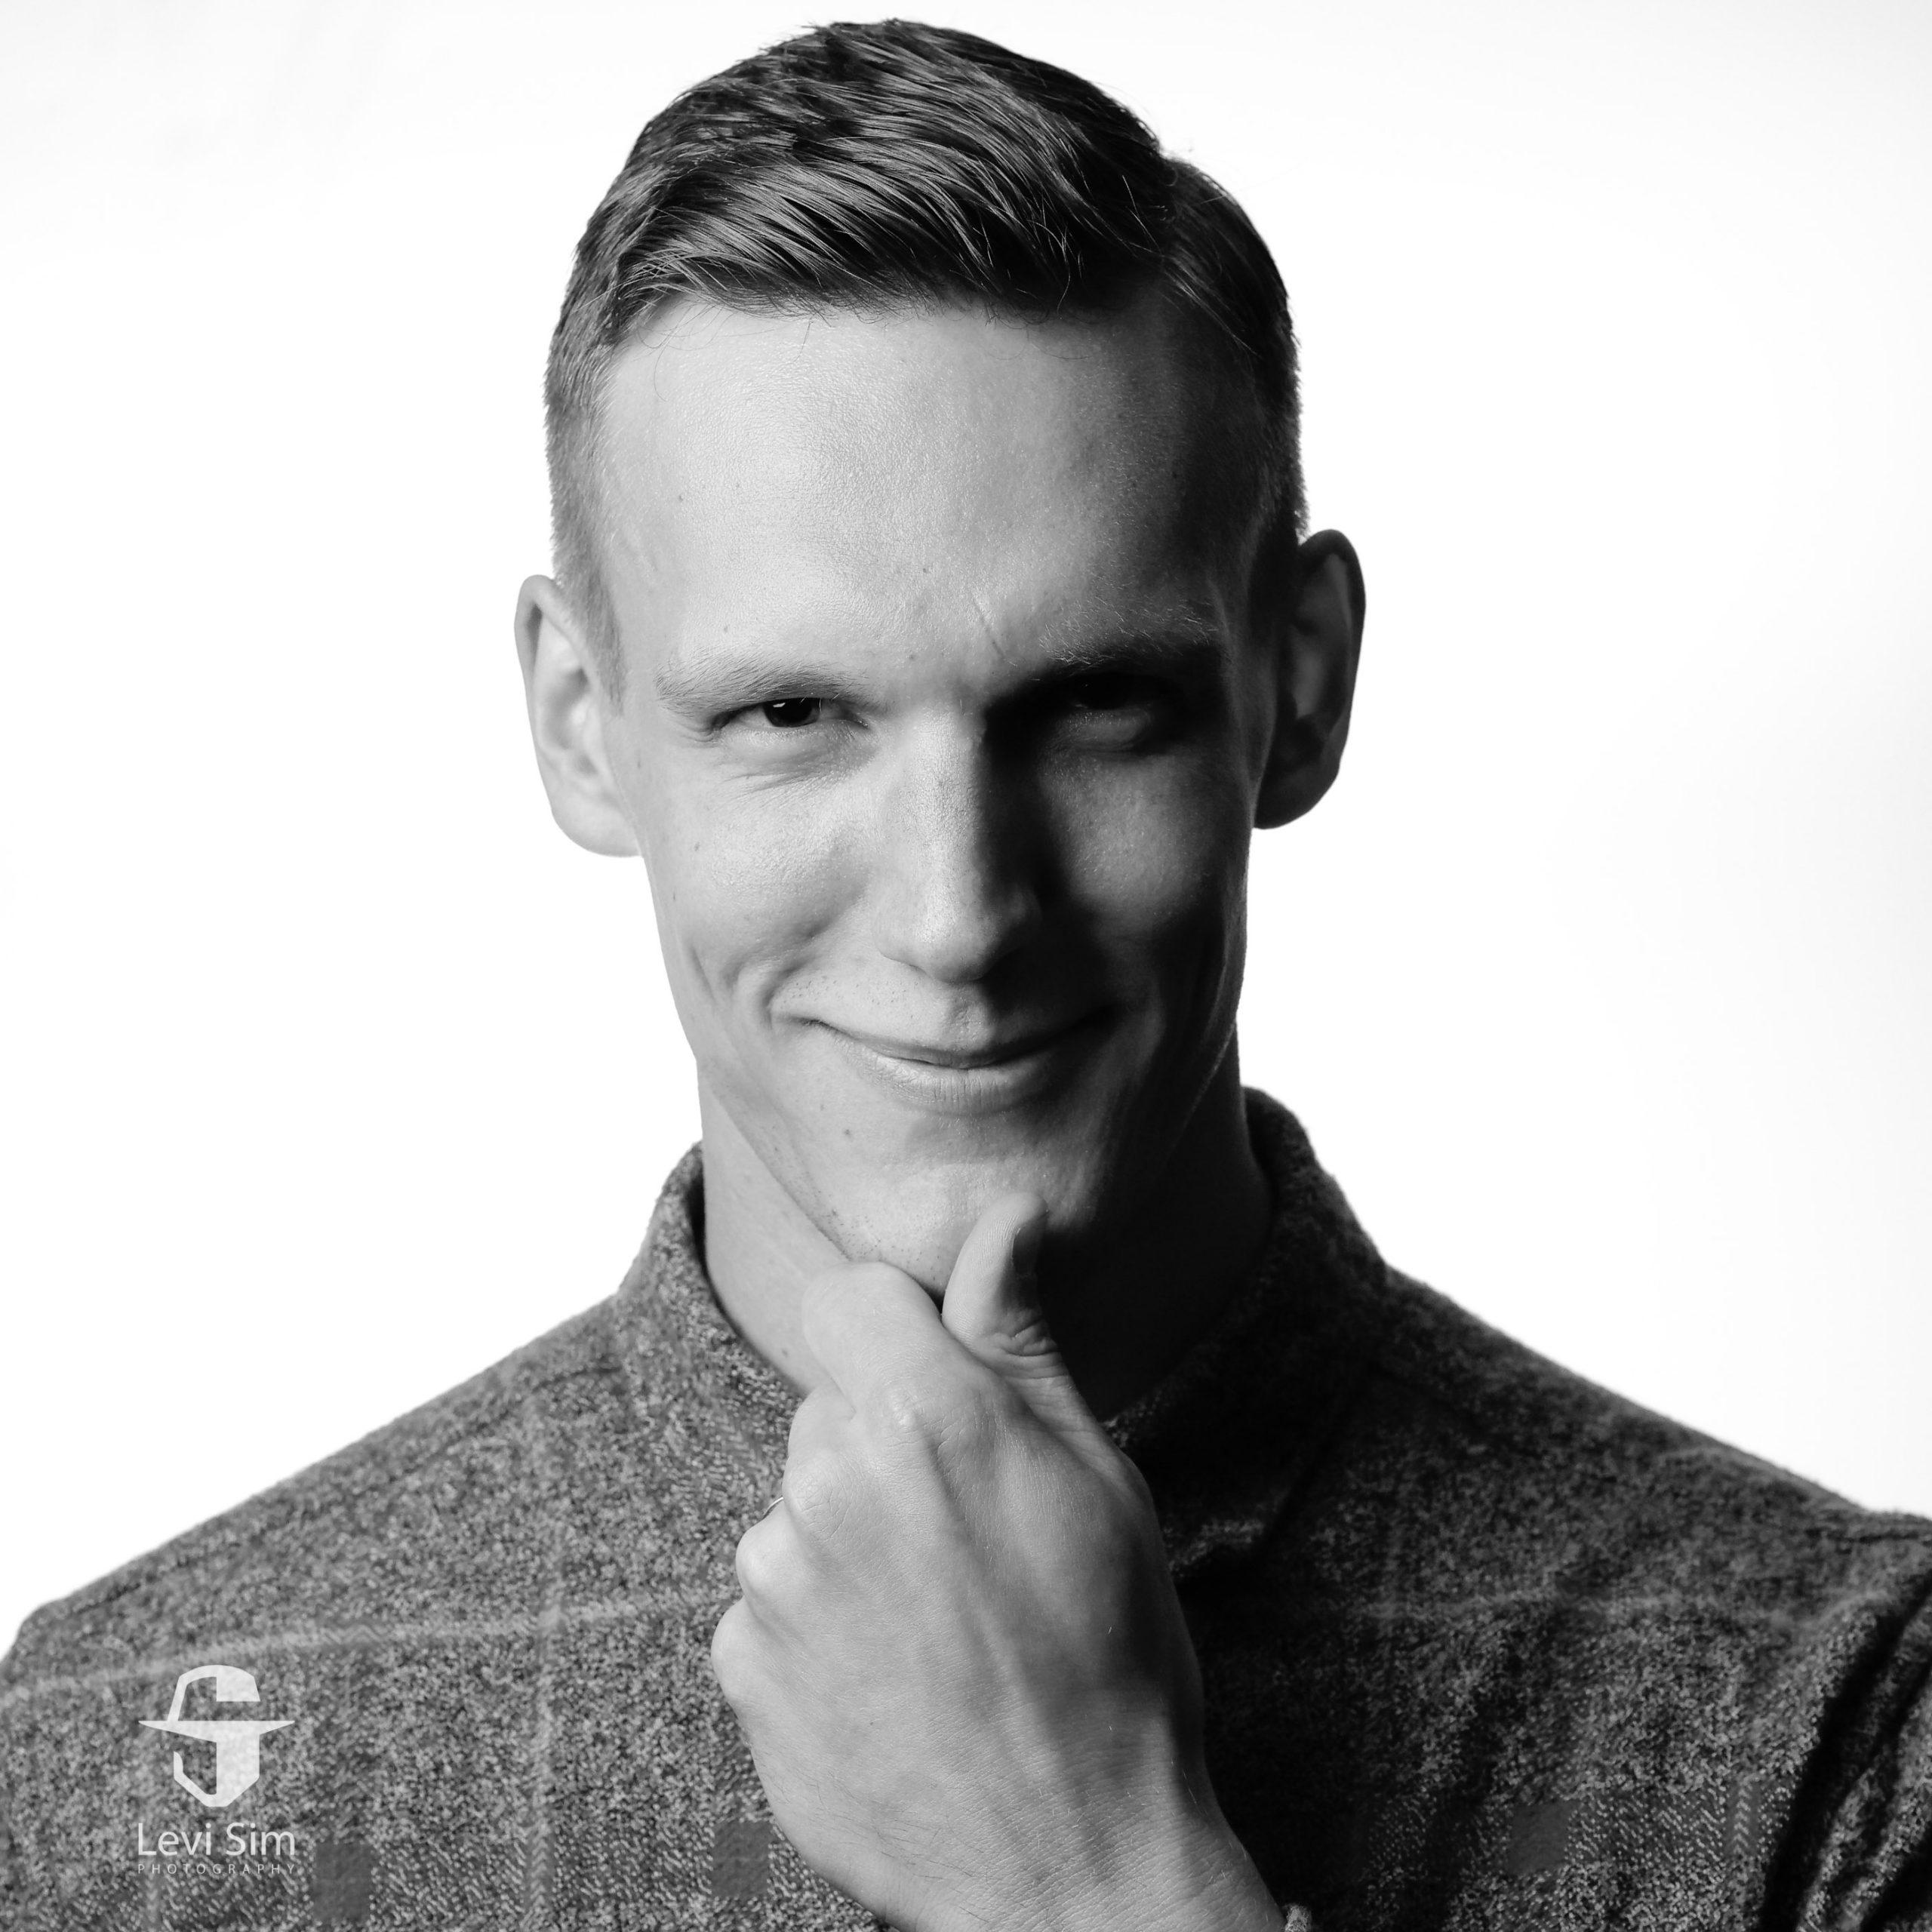 Levi Sim Steve Jobs Portrait Project Out Of Chicago 2017-57